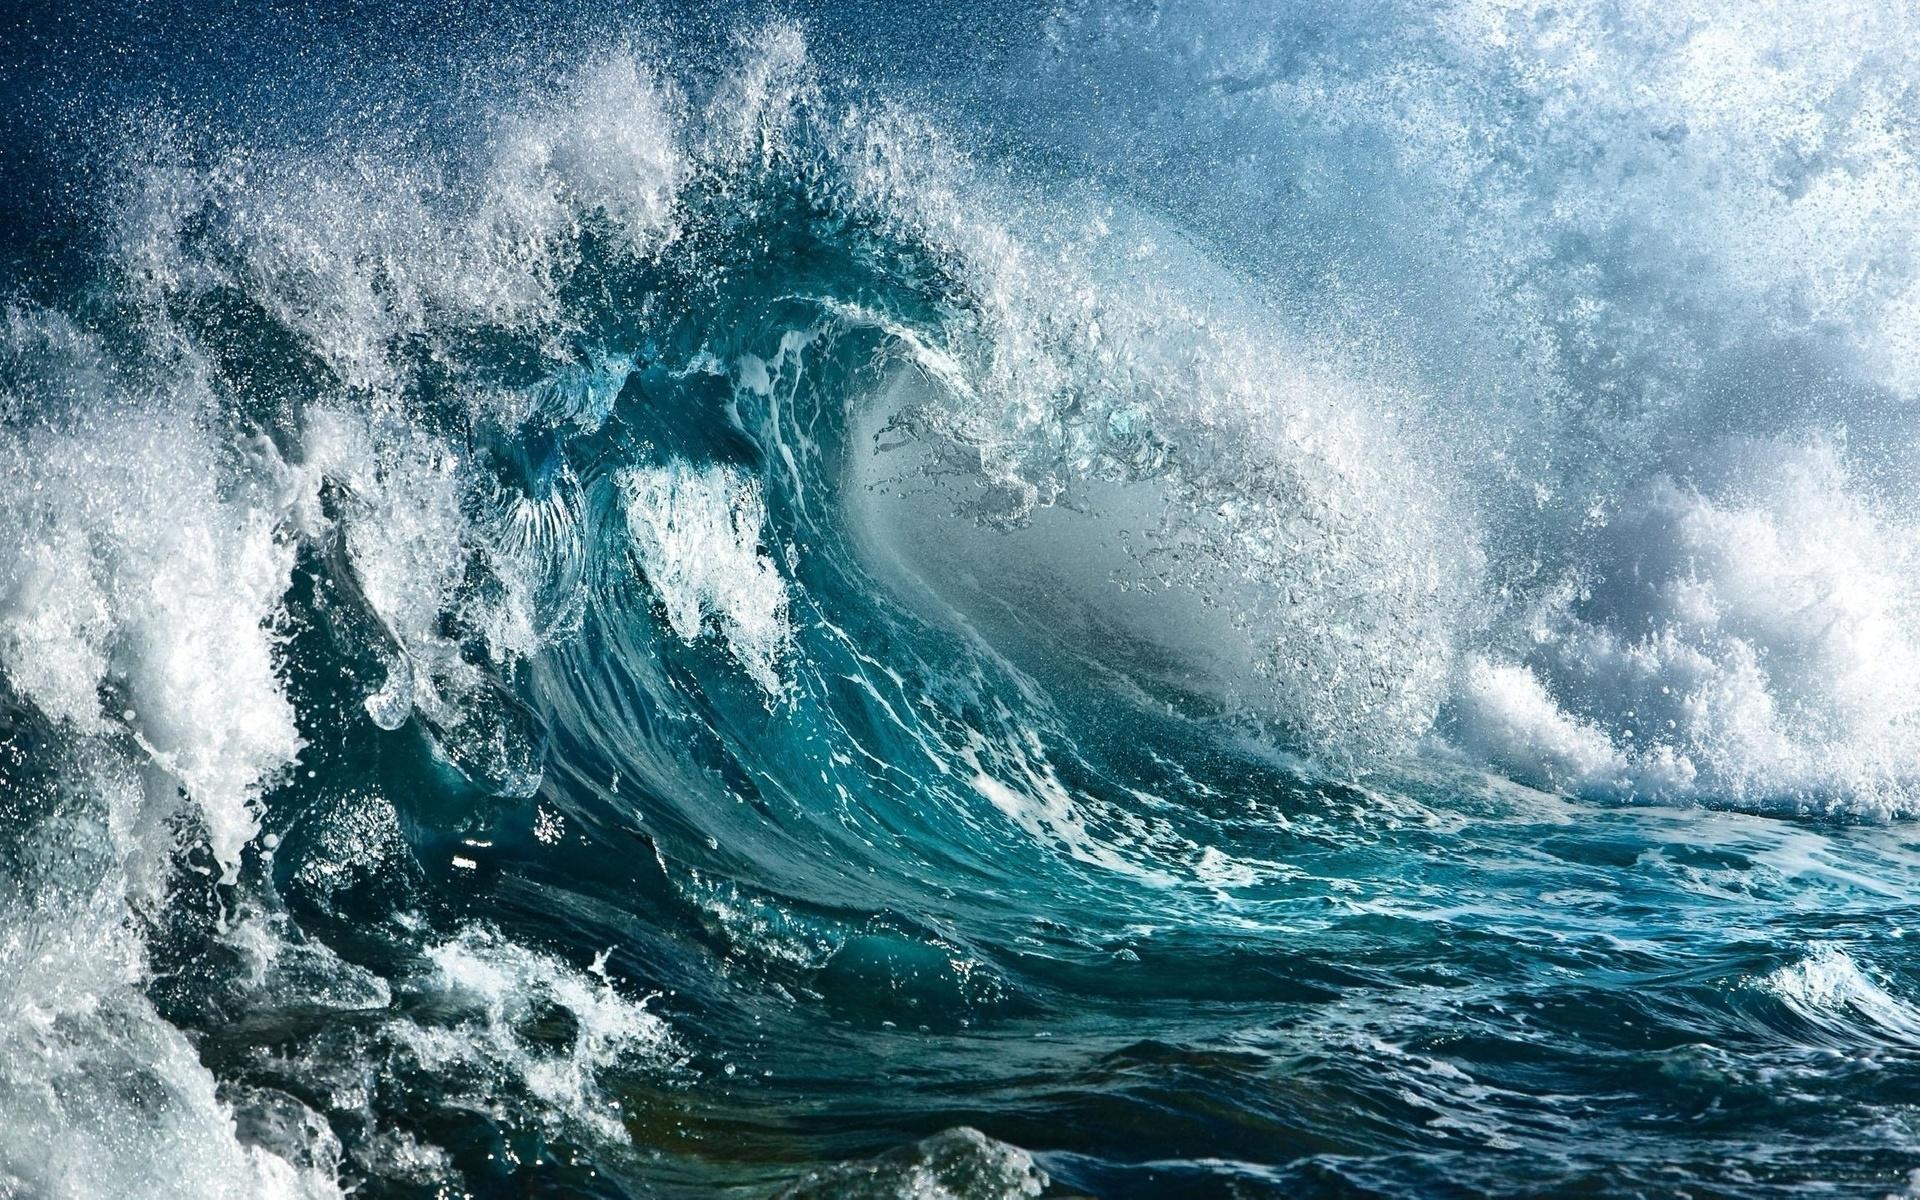 картинки про реки моря океаны лучше время для